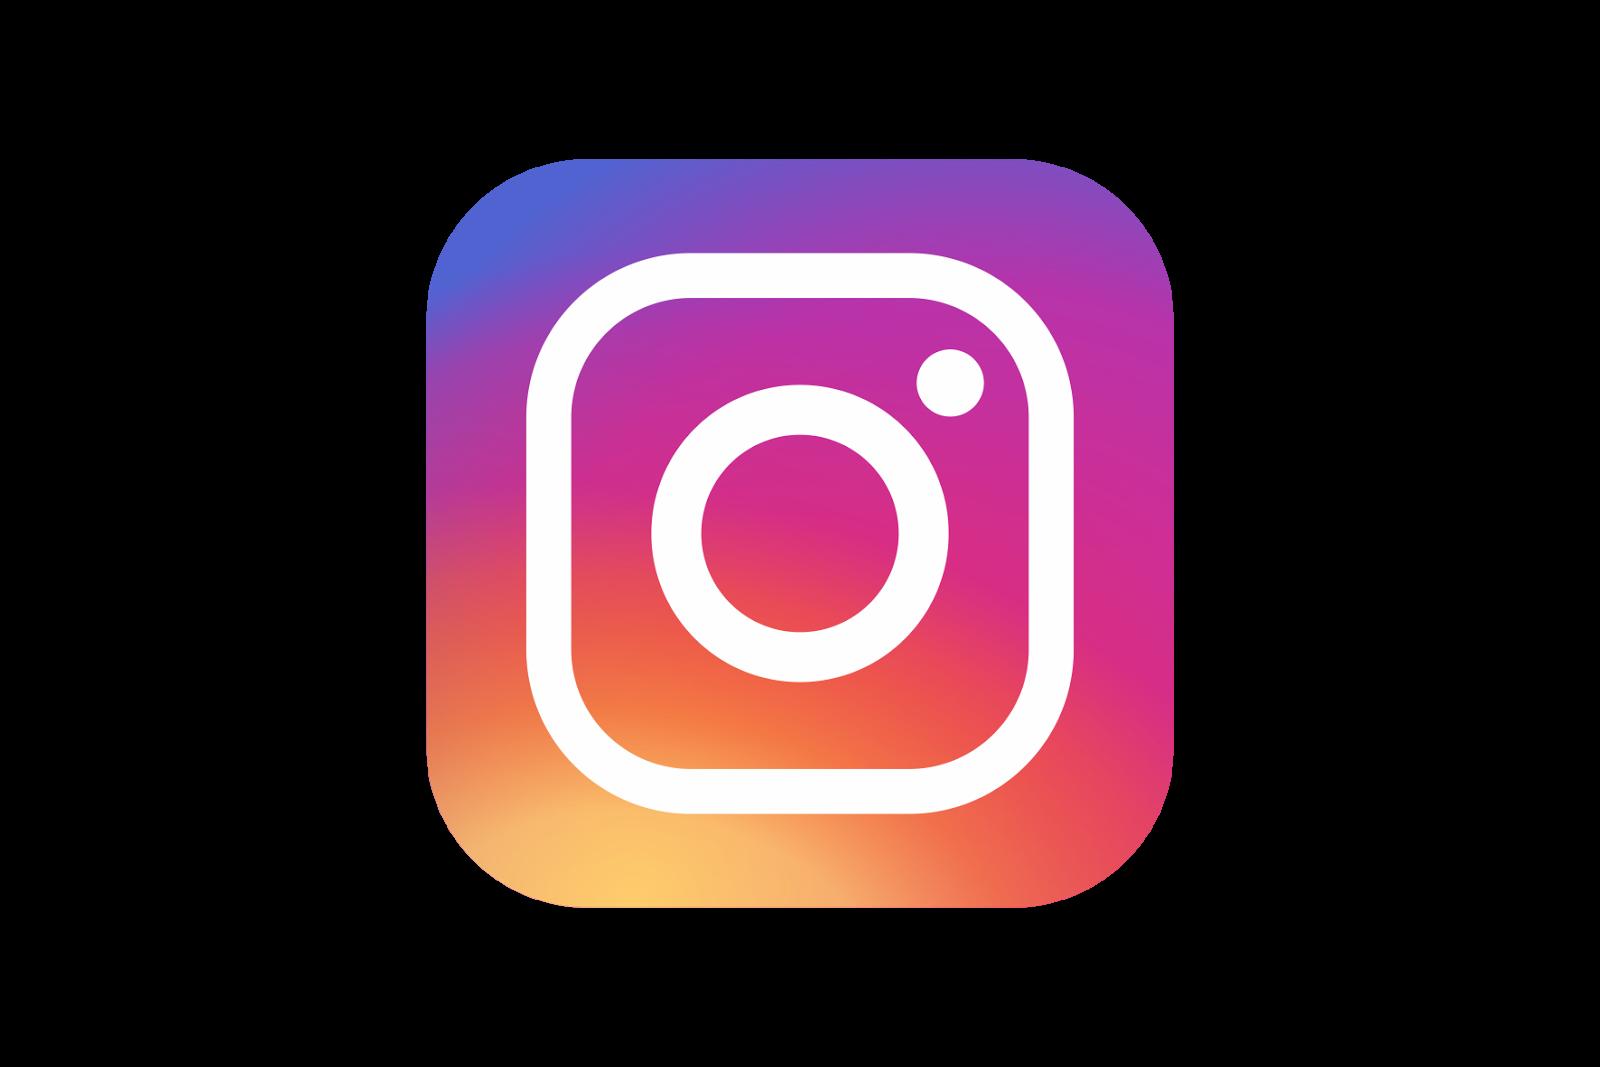 Vector Illustration Instagram: Instagram Logo